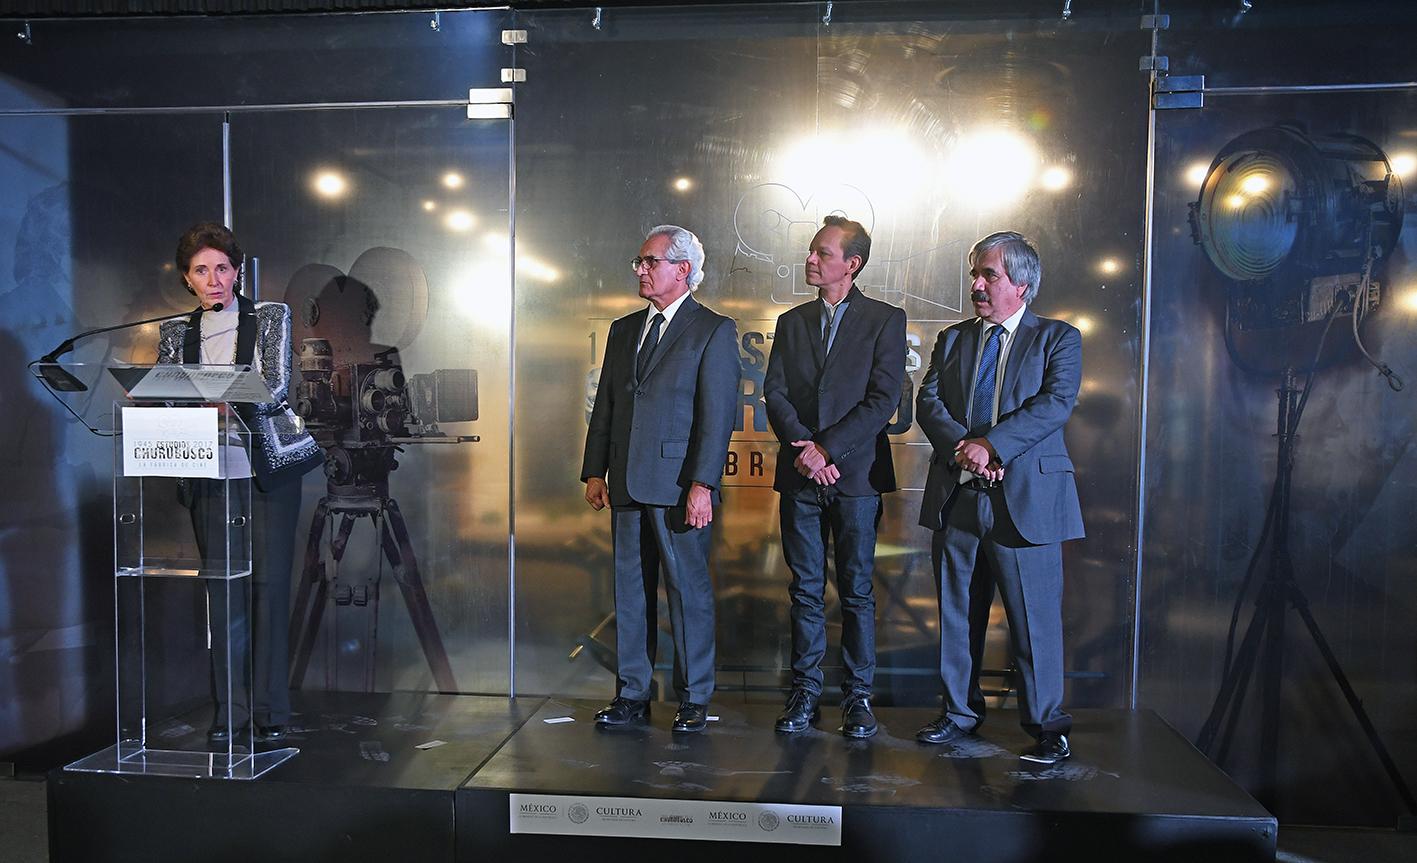 La fábrica de cine: Estudios Churubusco